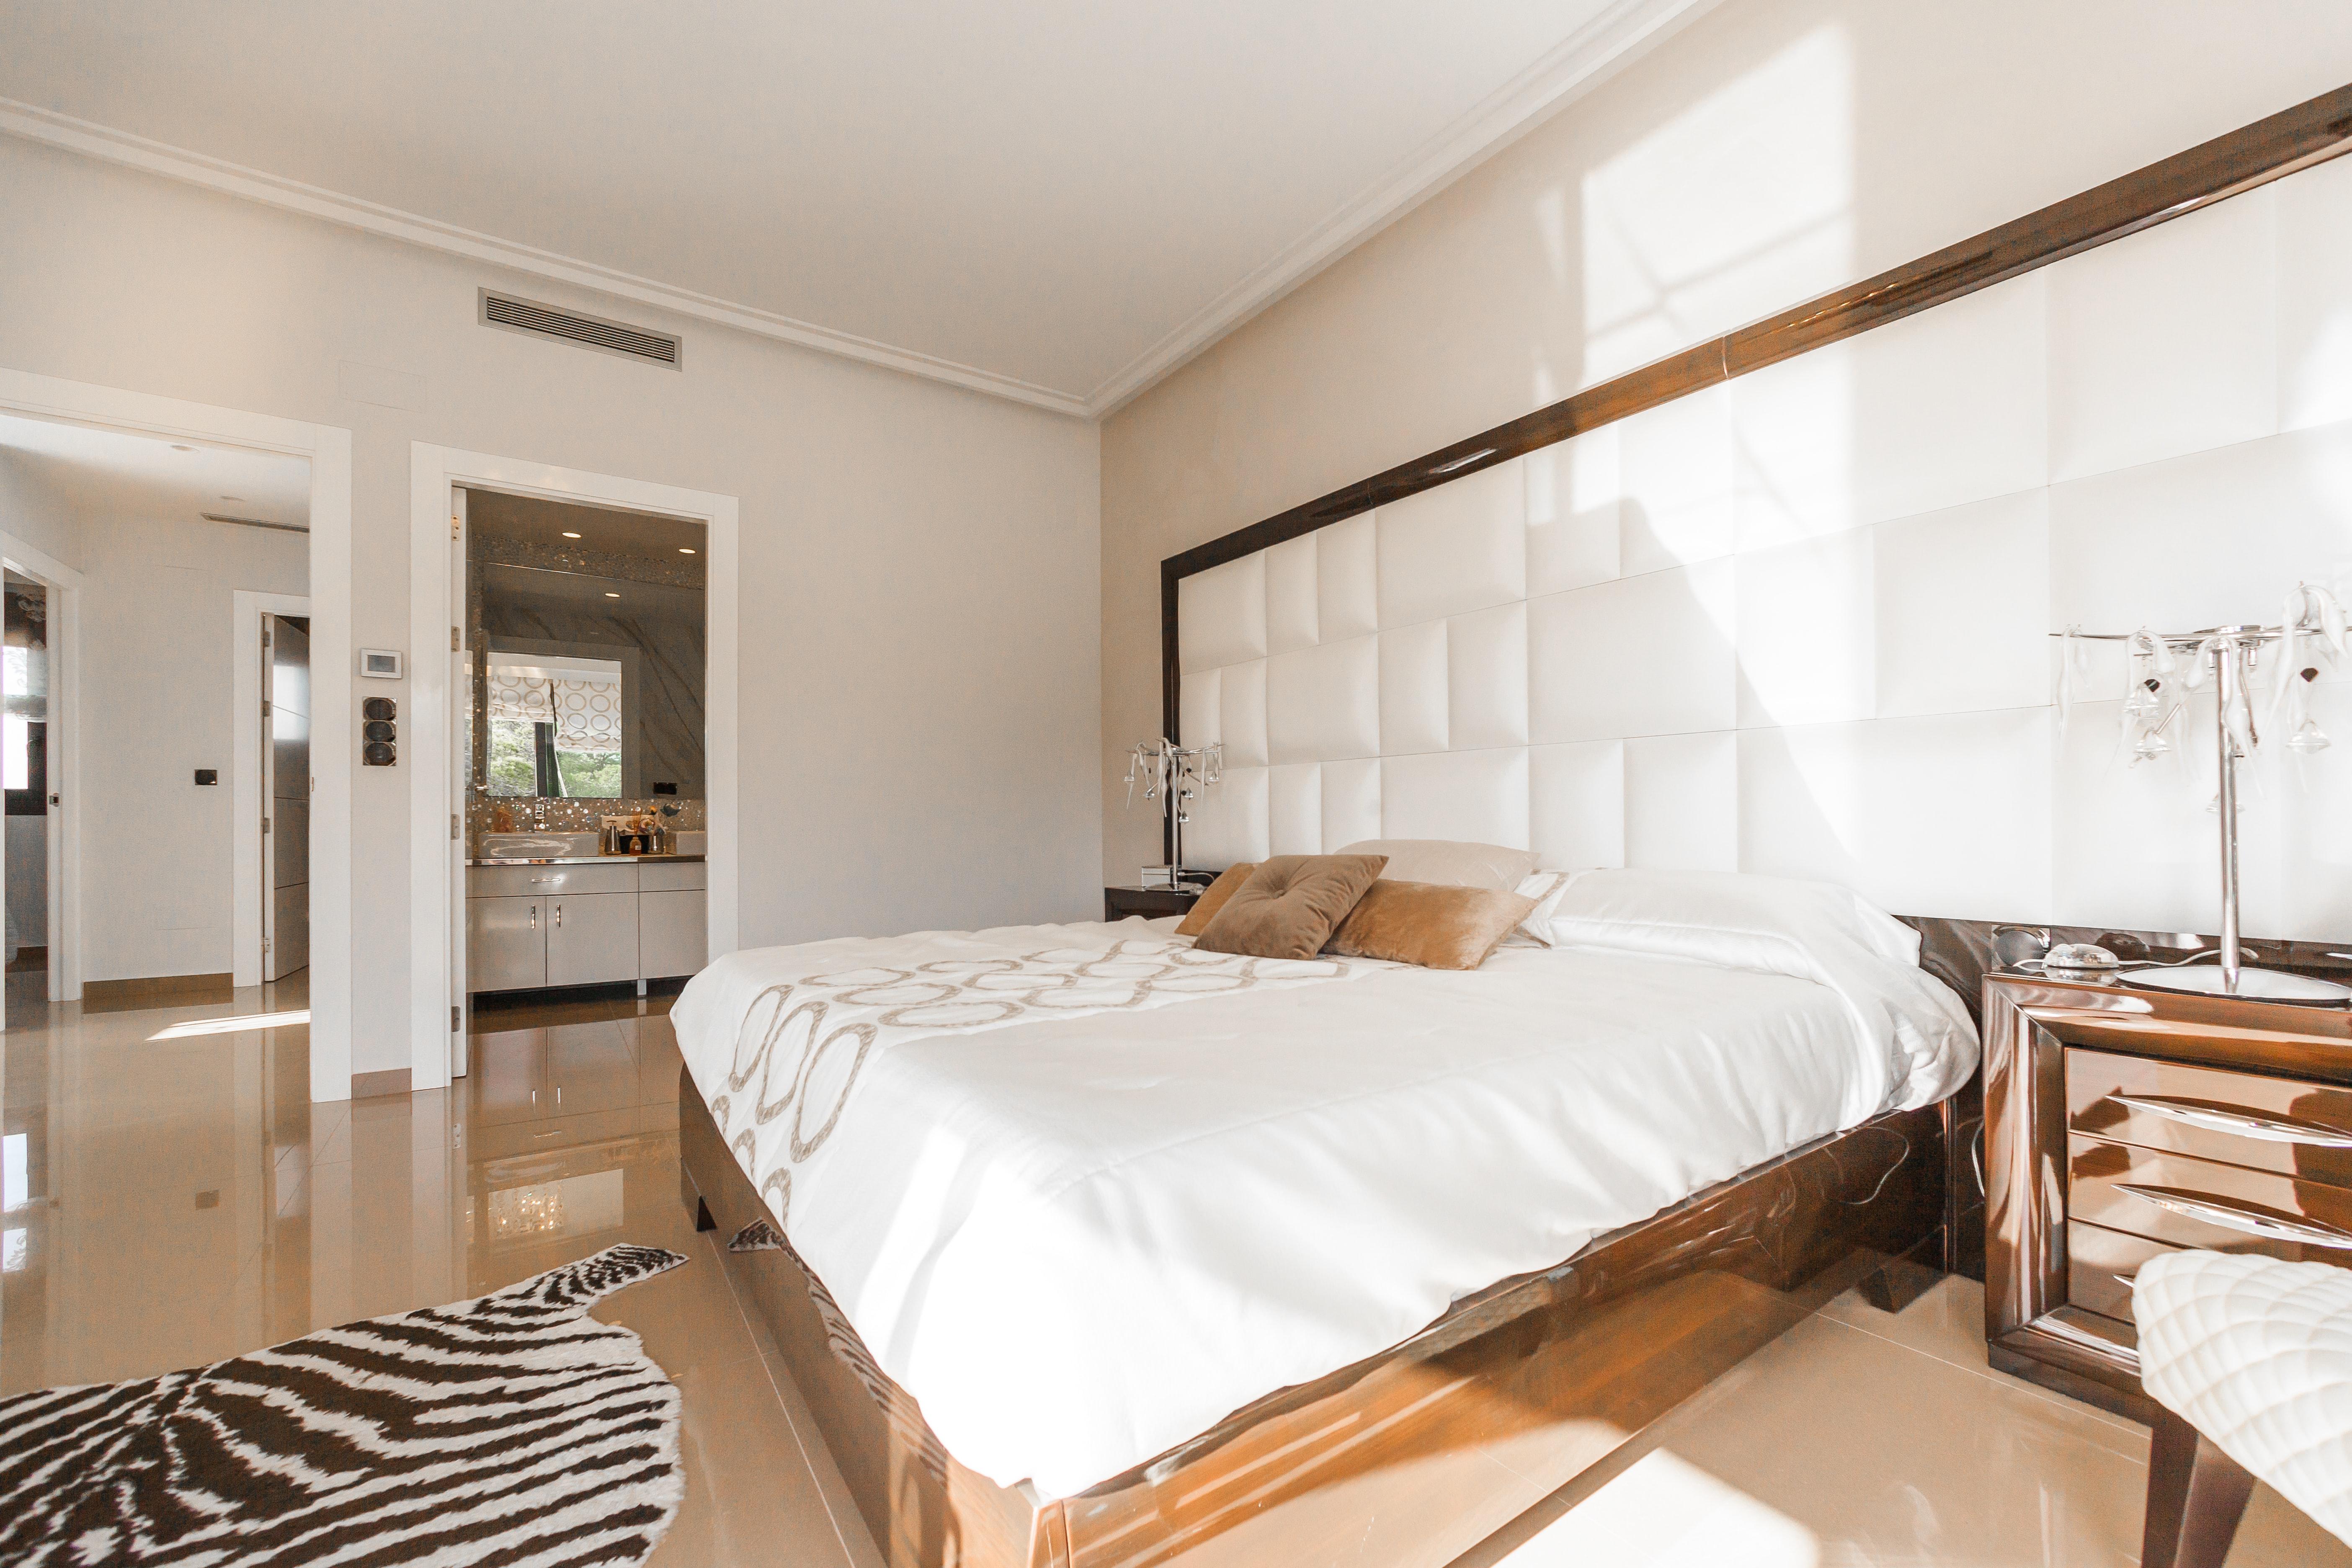 BP_HFXUP103H_70s-Redress_master-bedroom-113143-278671_h.jpg.rend.hgtvcom.1280.960